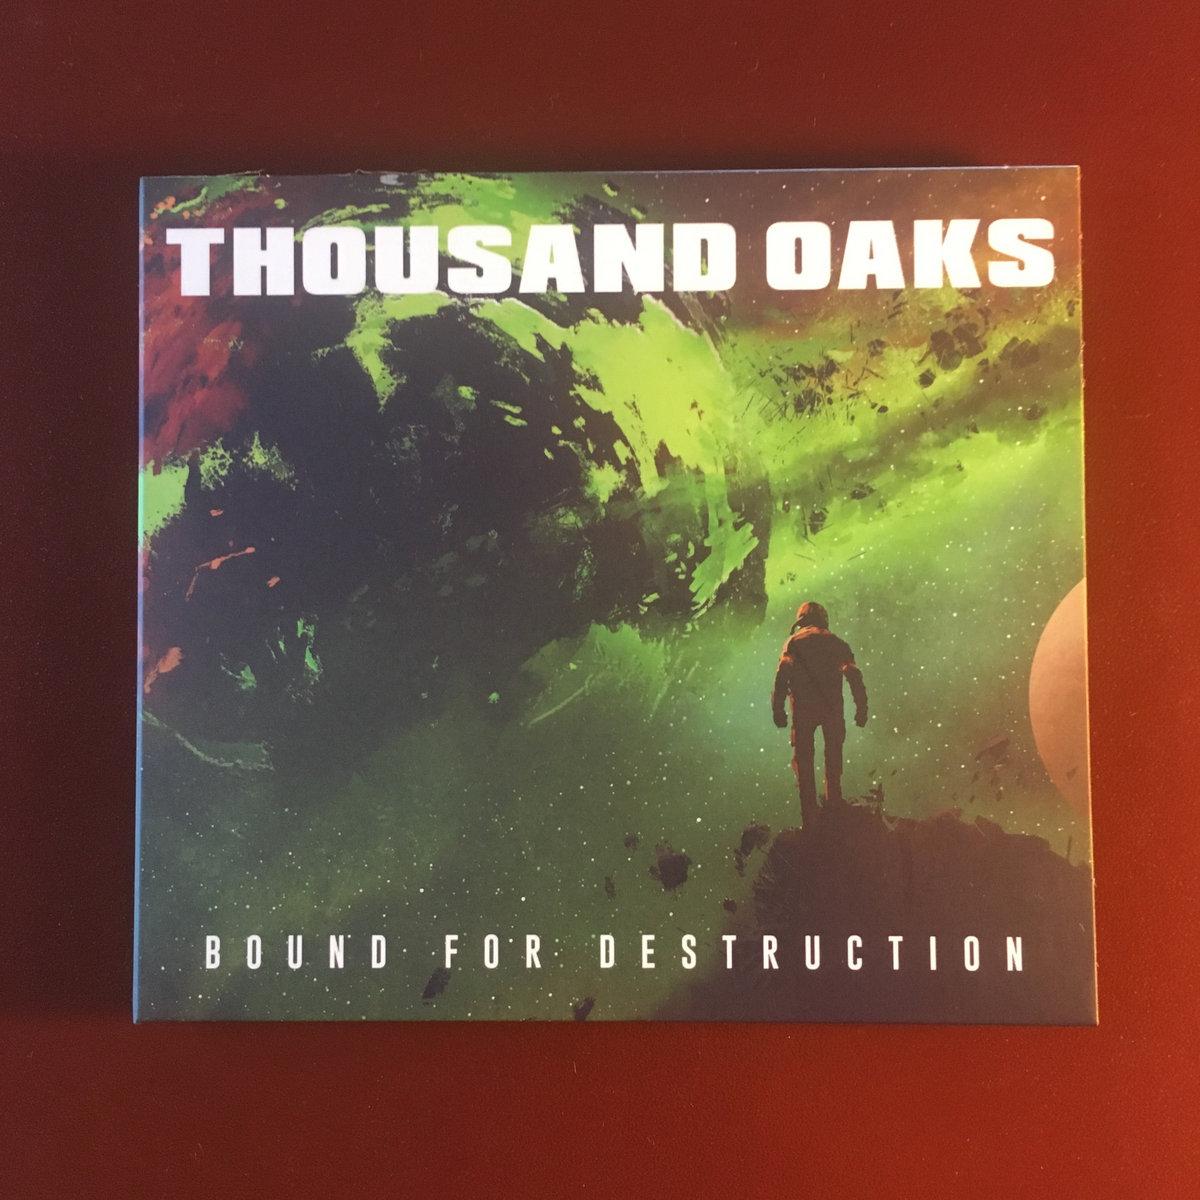 Bound For Destruction | Thousand Oaks